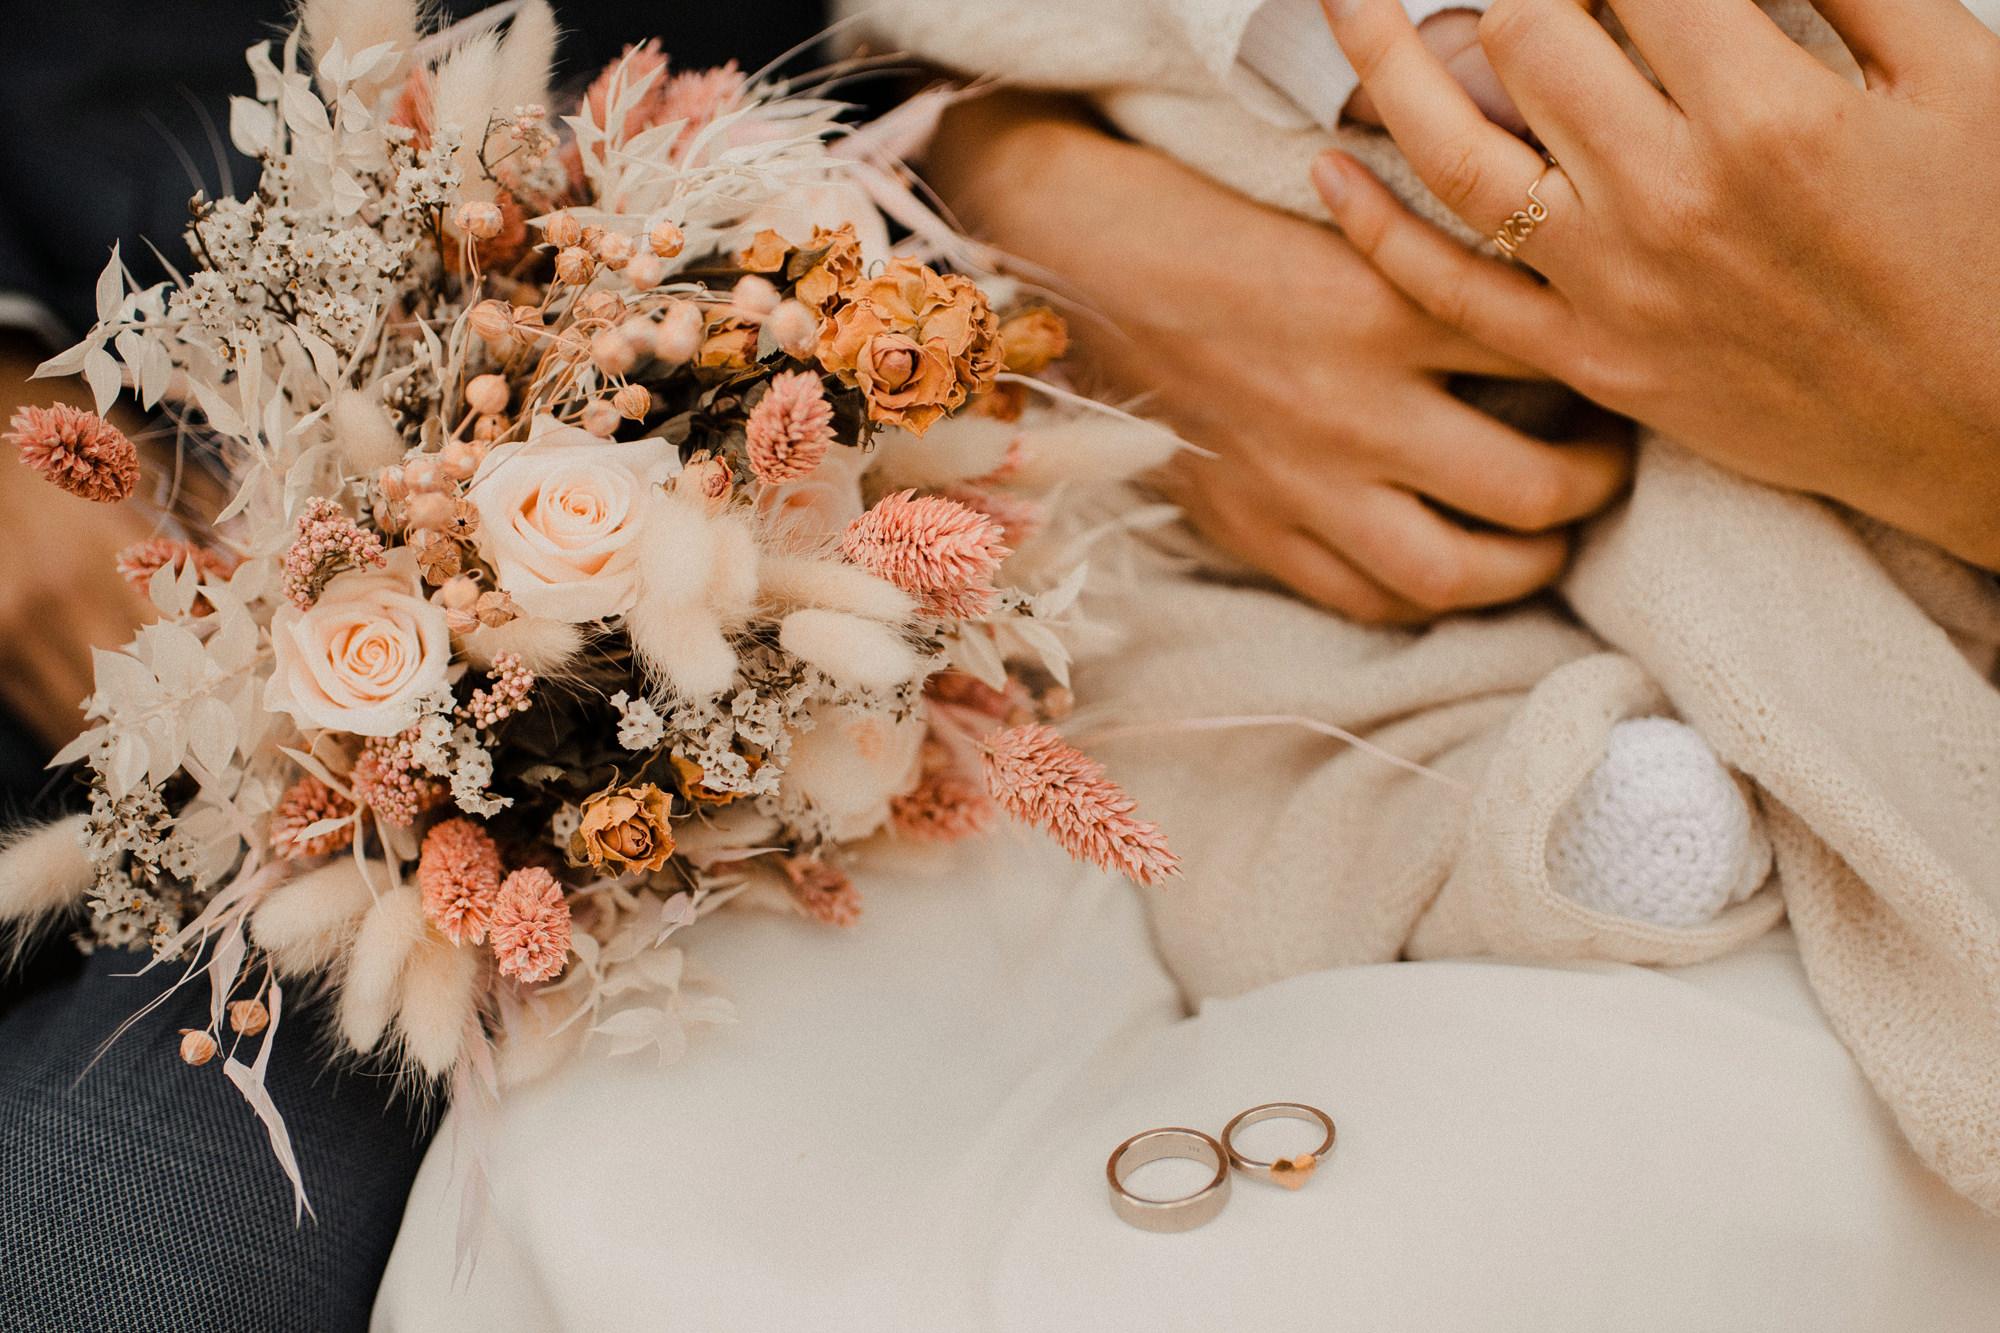 Ringfoto - Hochzeit - Rügen - Ostsee - Trockenblumen -Brautstrauß - Blumenanstecker - Brautstyling - Brautoutfit - Hochzeitsinspiration